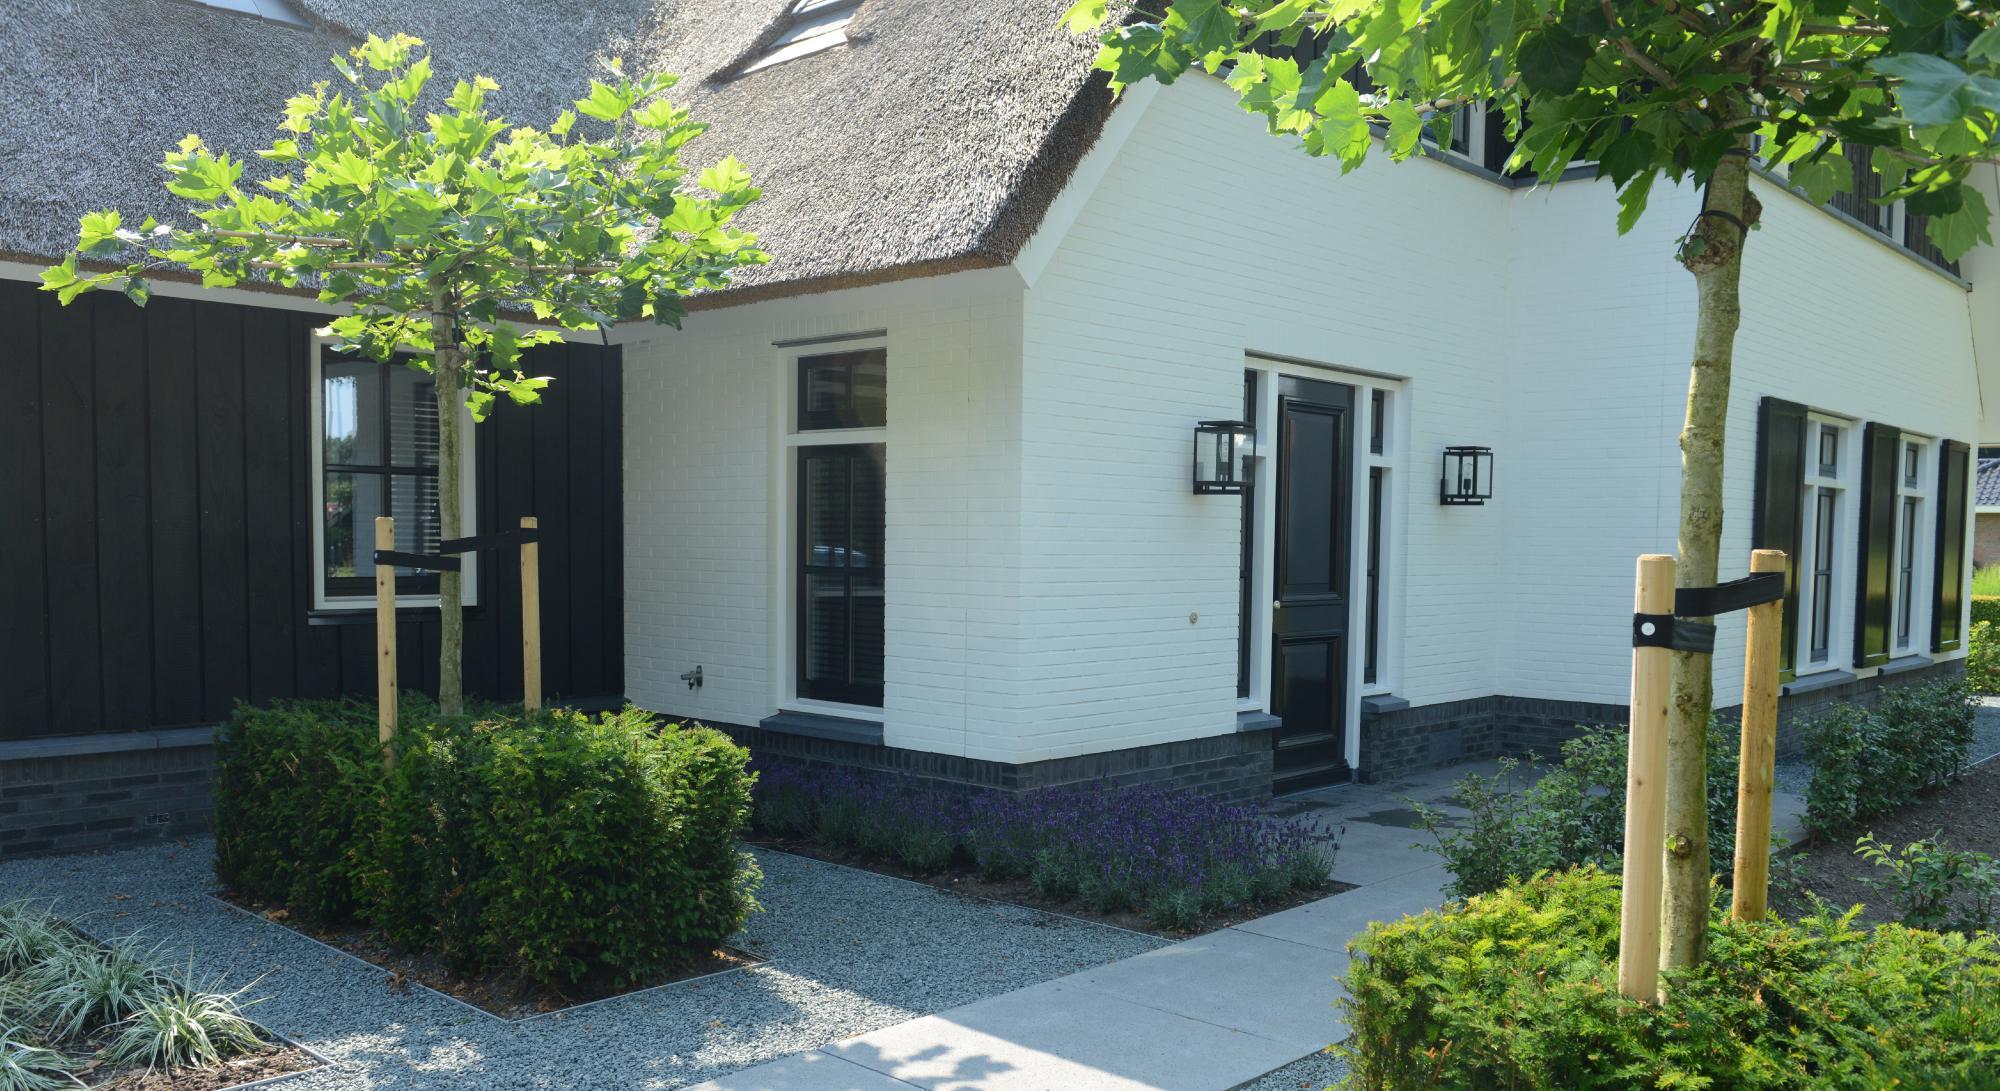 Strakke tuin bij modern landhuis rodenburg tuinen for Tuin modern design